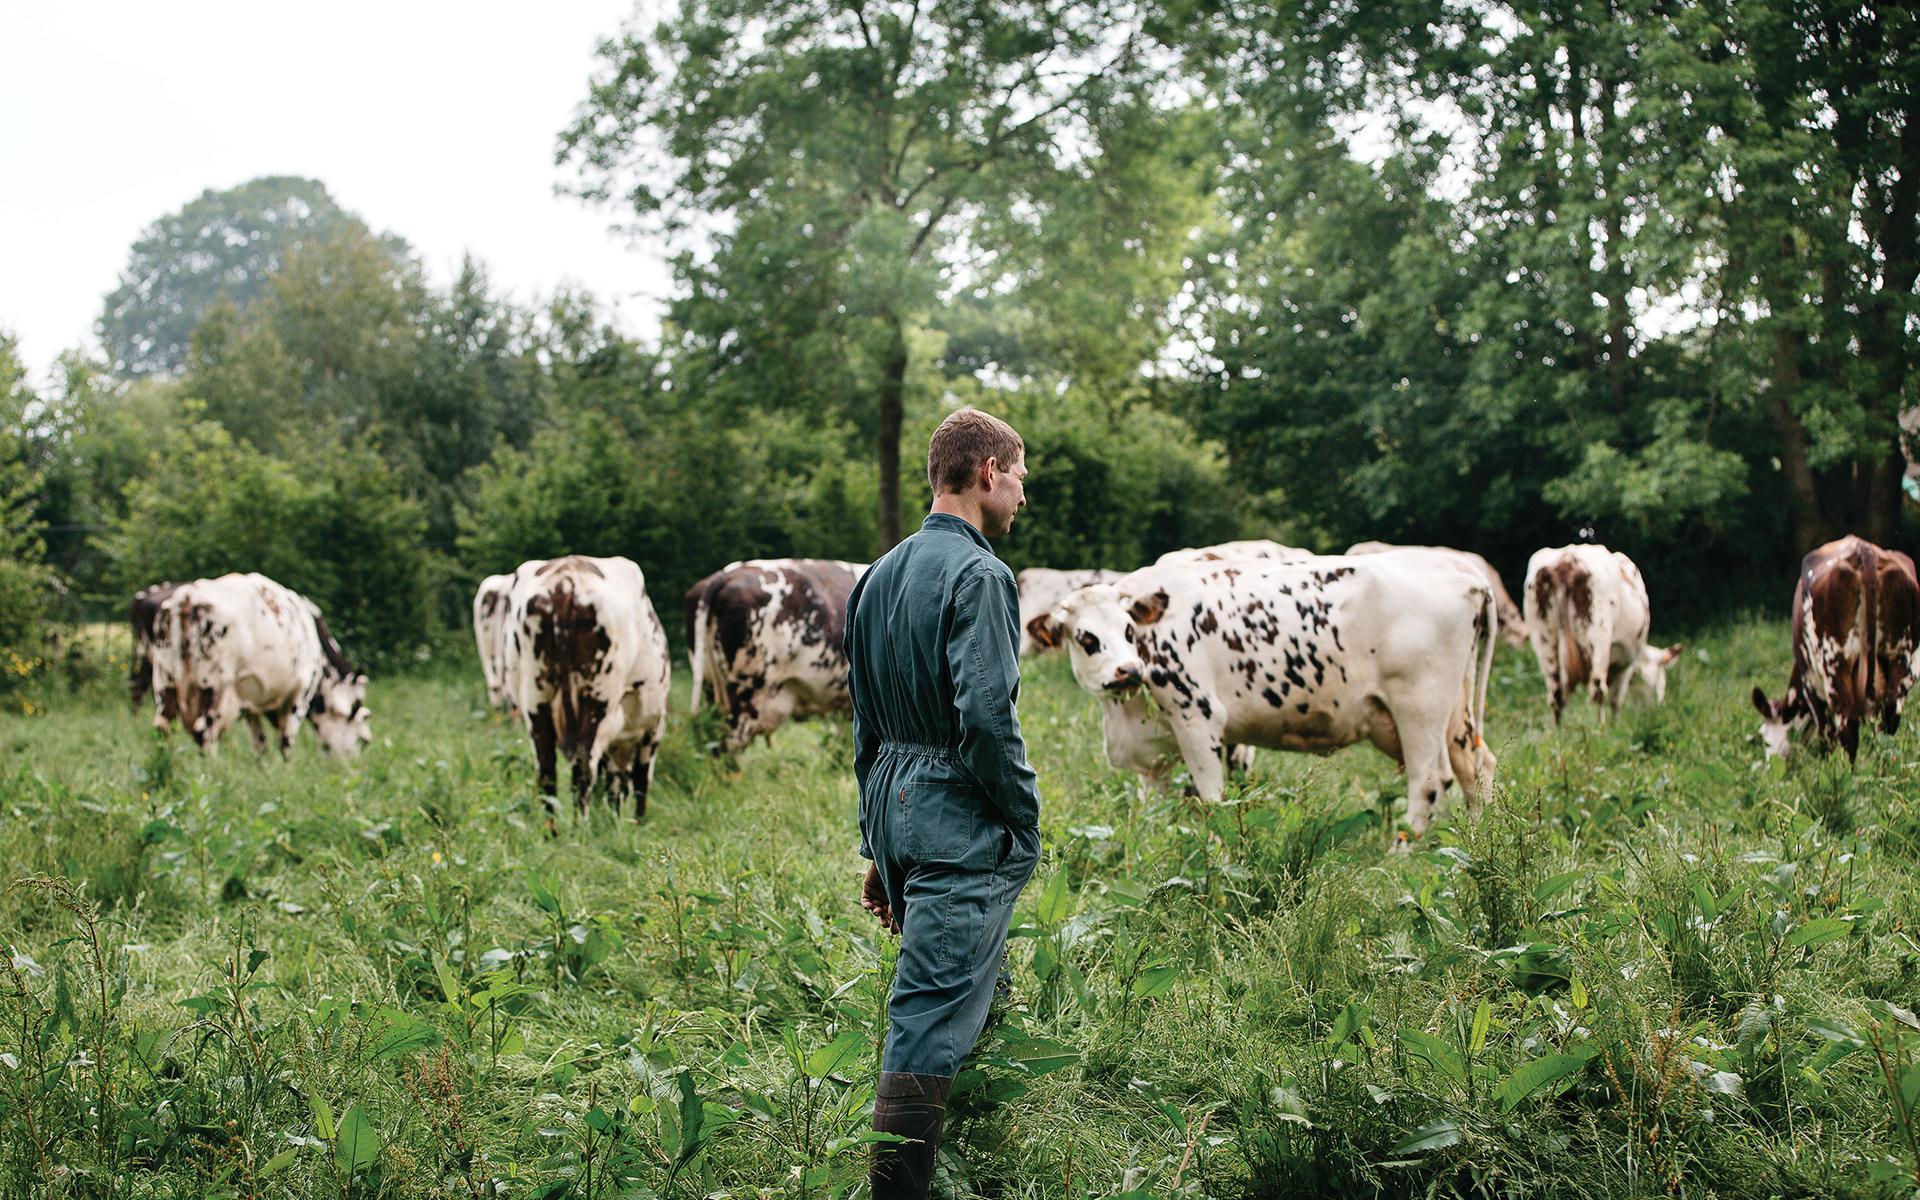 La 56ème édition du Salon International de l'Agriculture